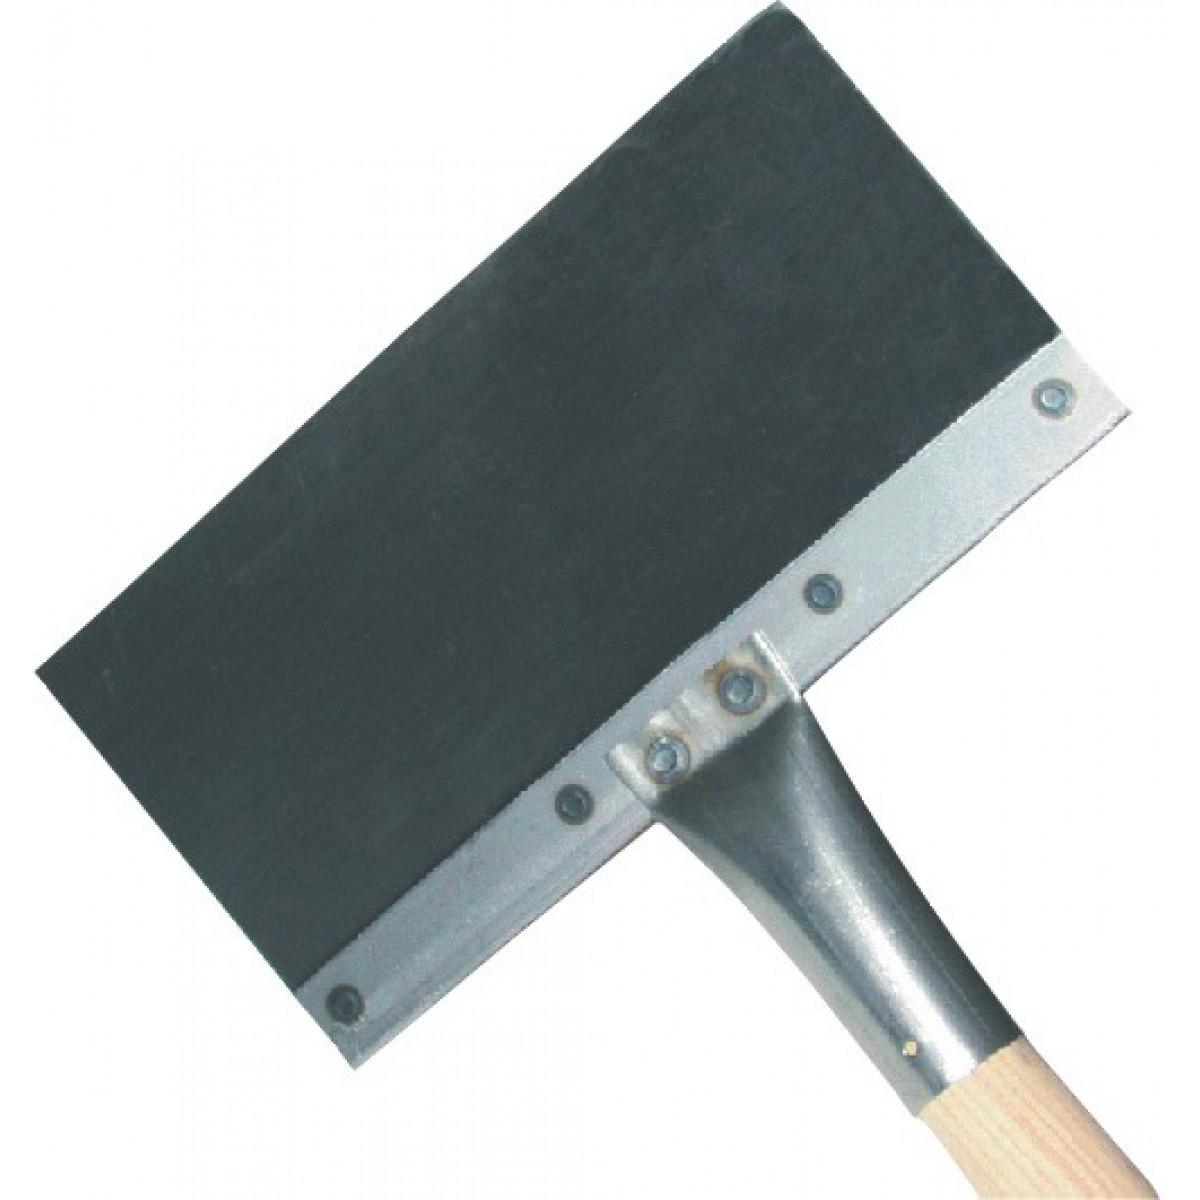 Racloir de coffreur Forges de Magne - Emmanché 1,10 m - Longueur 30 cm